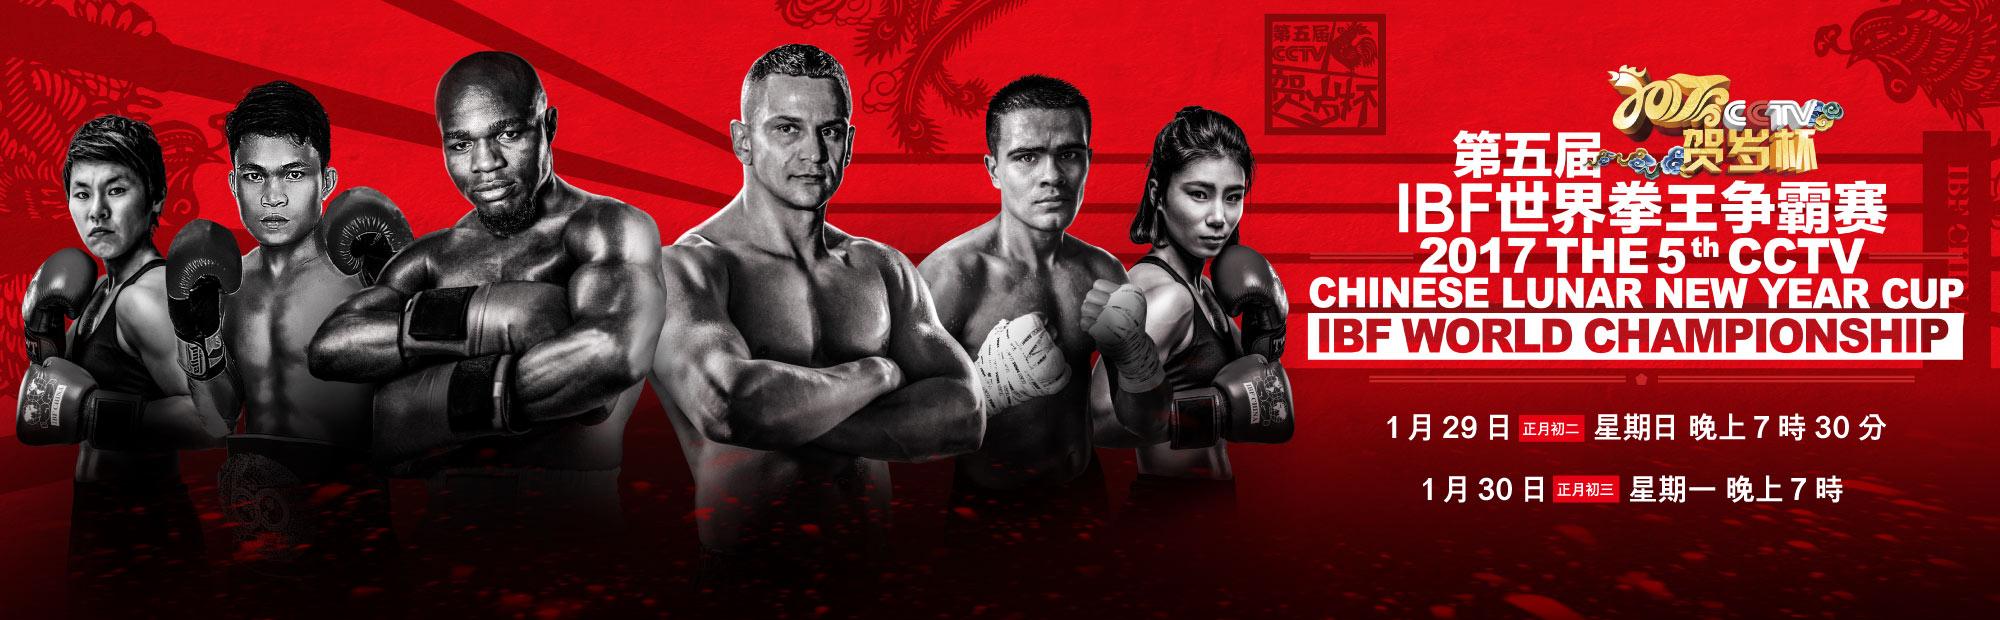 2017第五屆CCTV賀歲杯·IBF世界拳王爭霸賽